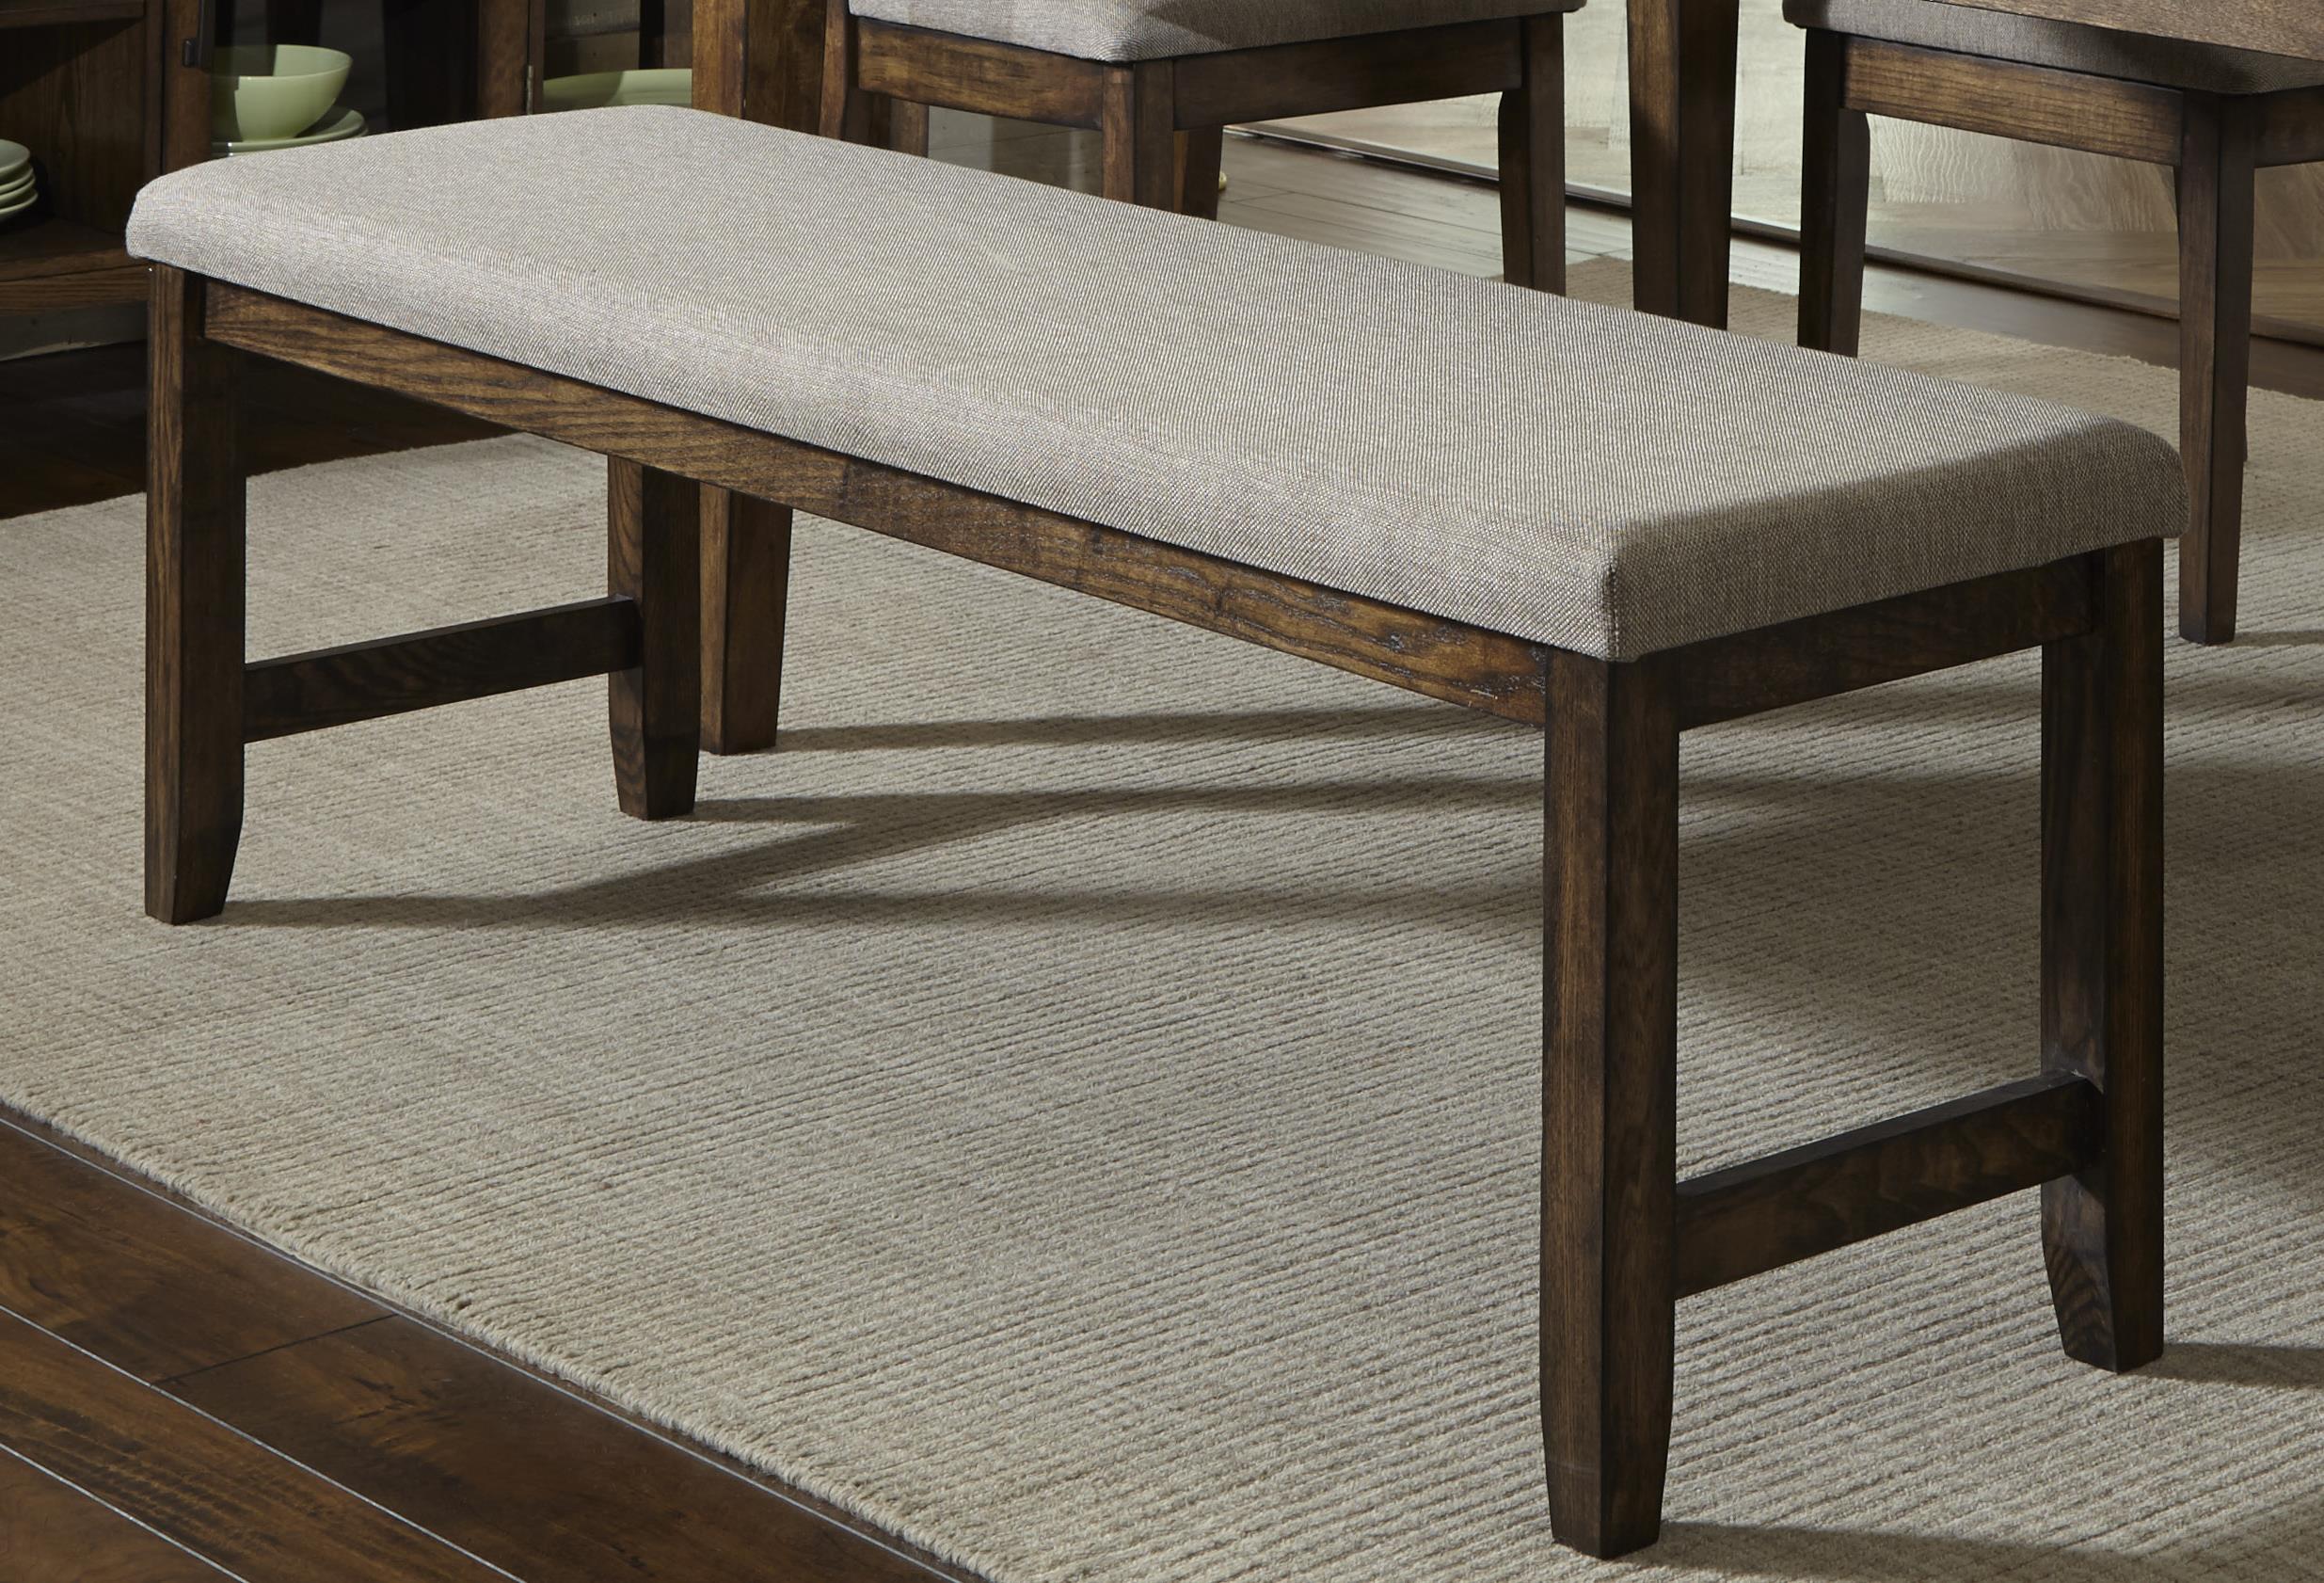 Progressive Furniture Forest Brook Dining Bench - Item Number: P378D-69